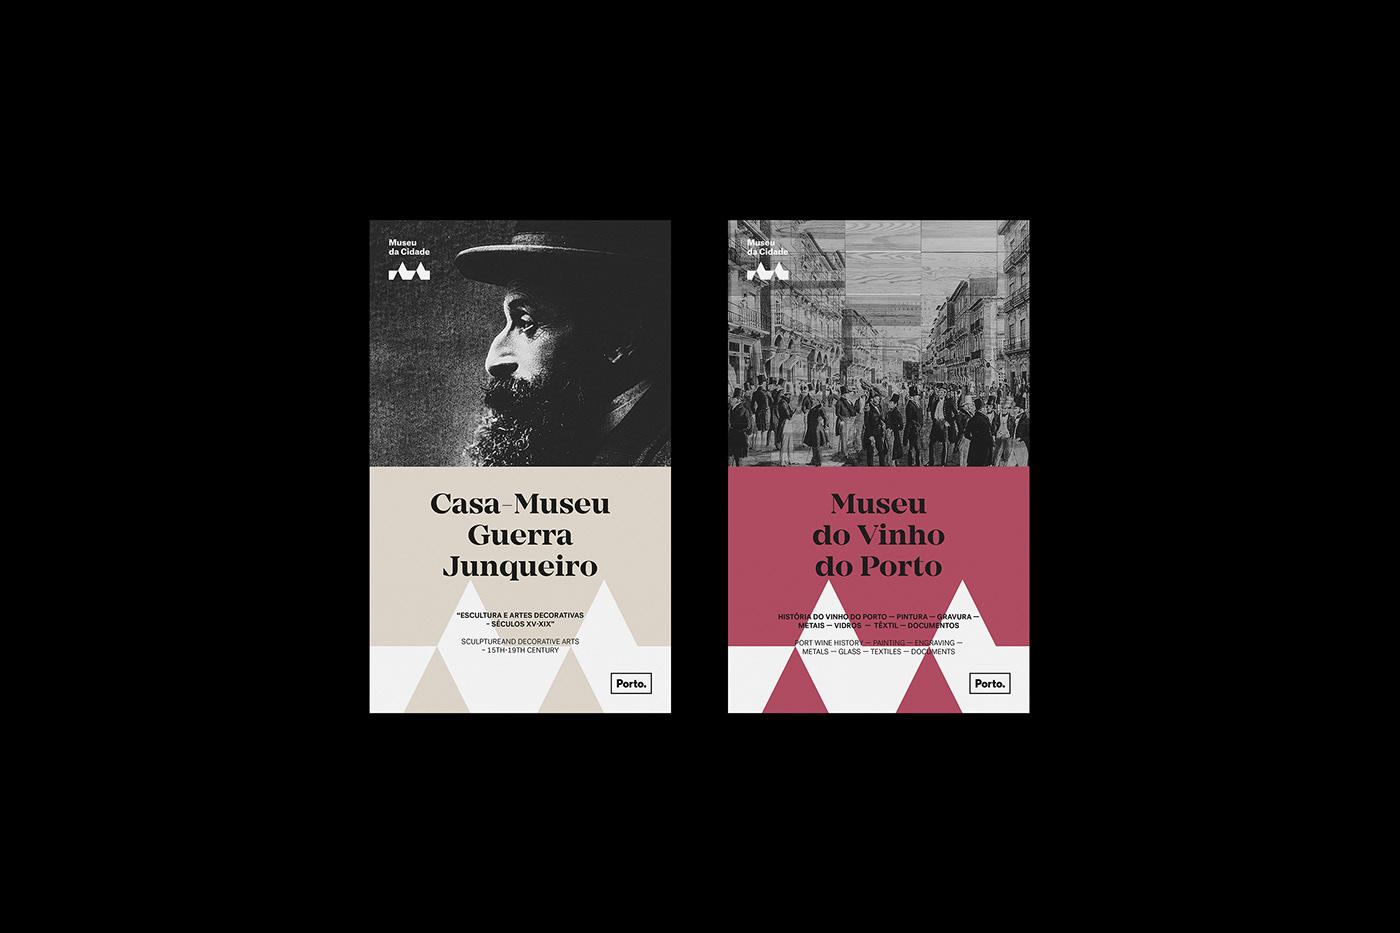 Museu da Cidade porto brand another collective museum